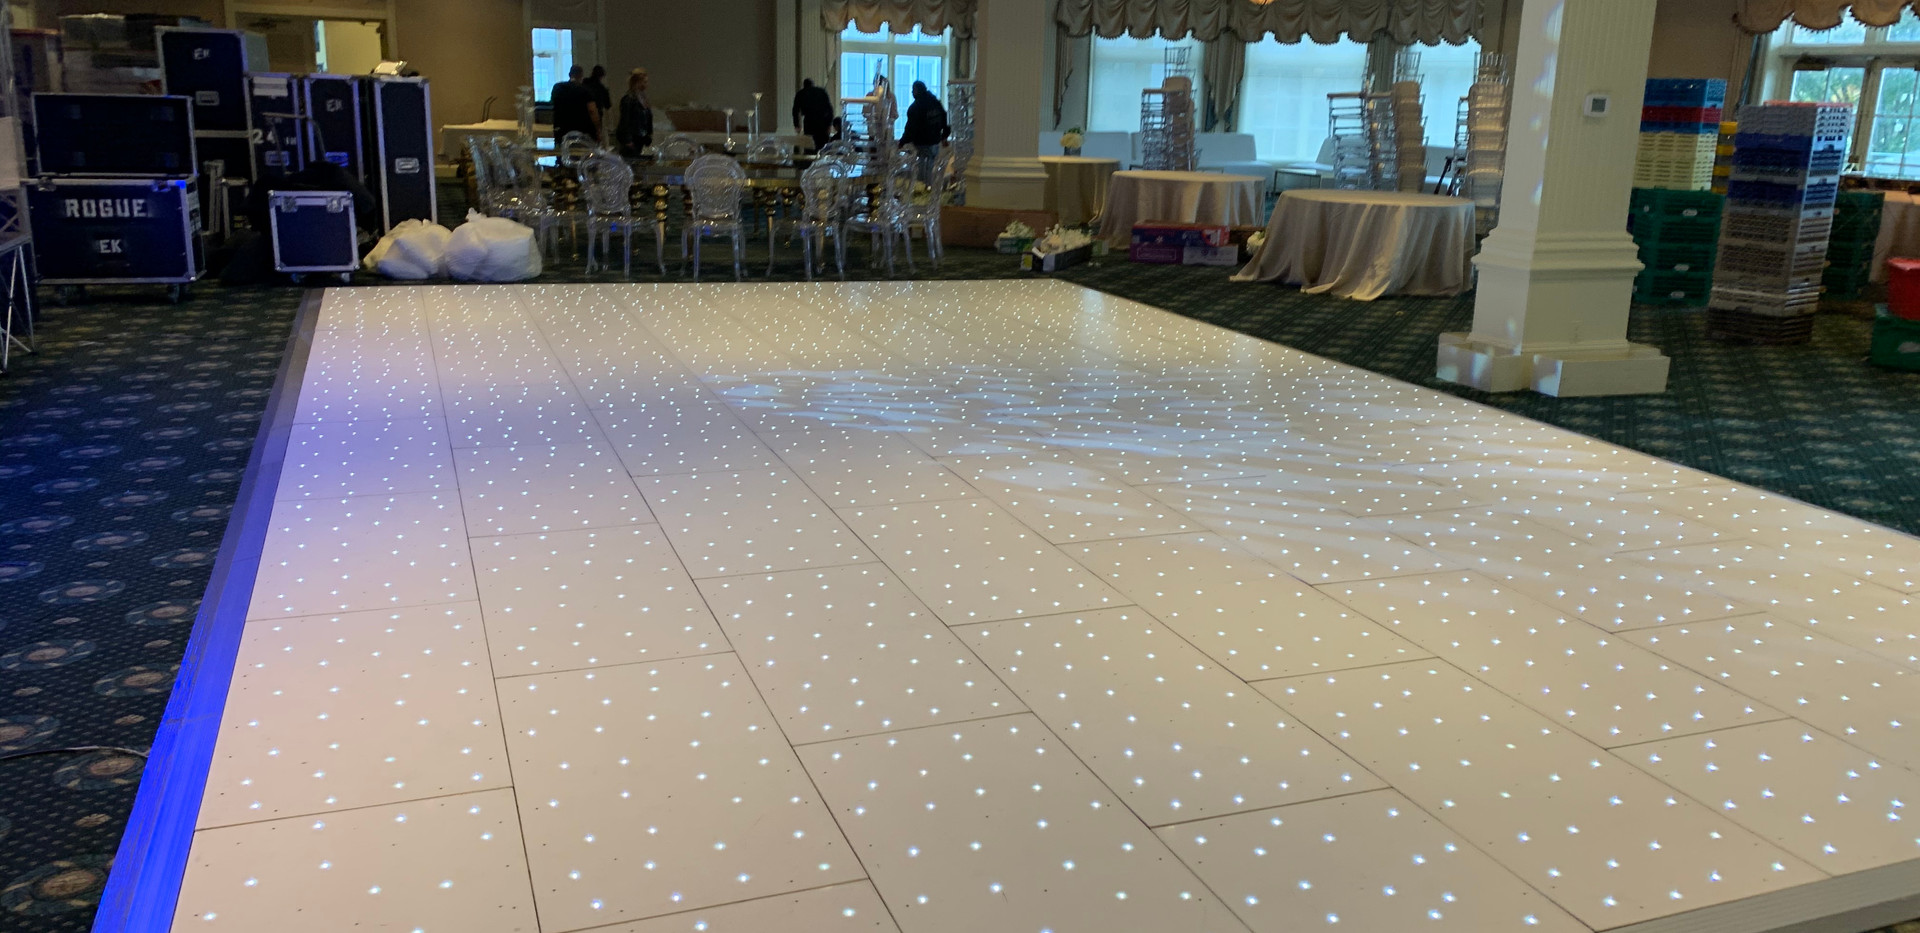 star light dacne floor.jpg